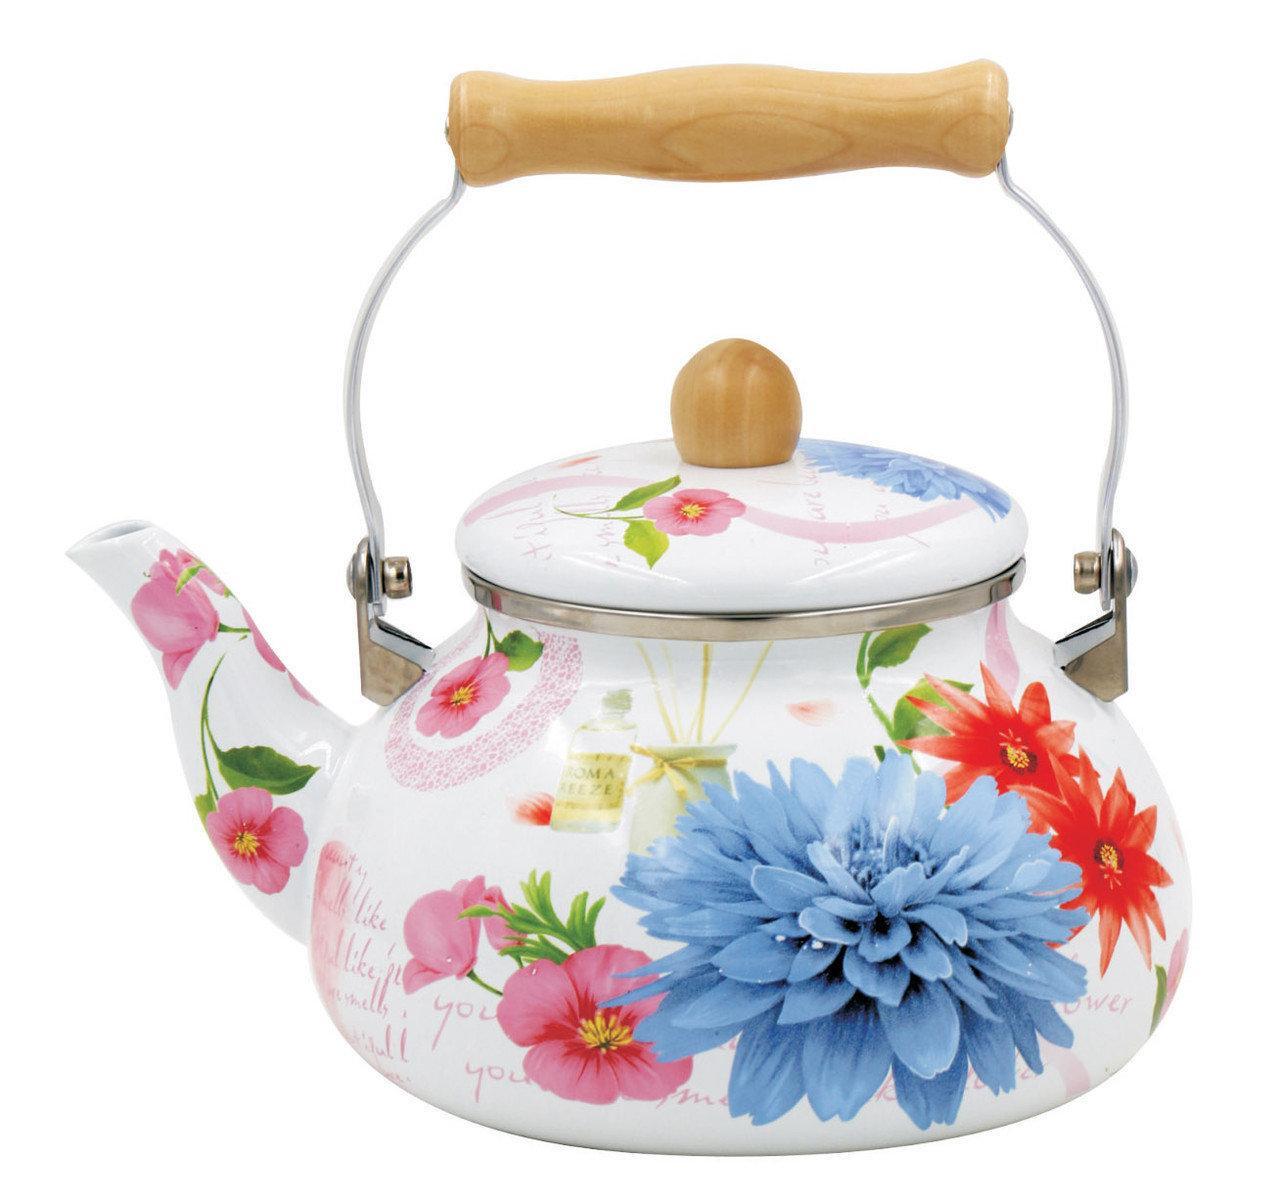 Чайник Benson BN-109 эмалированный белый с подвижной деревянной ручкой Голубой цветок (2.5 л)